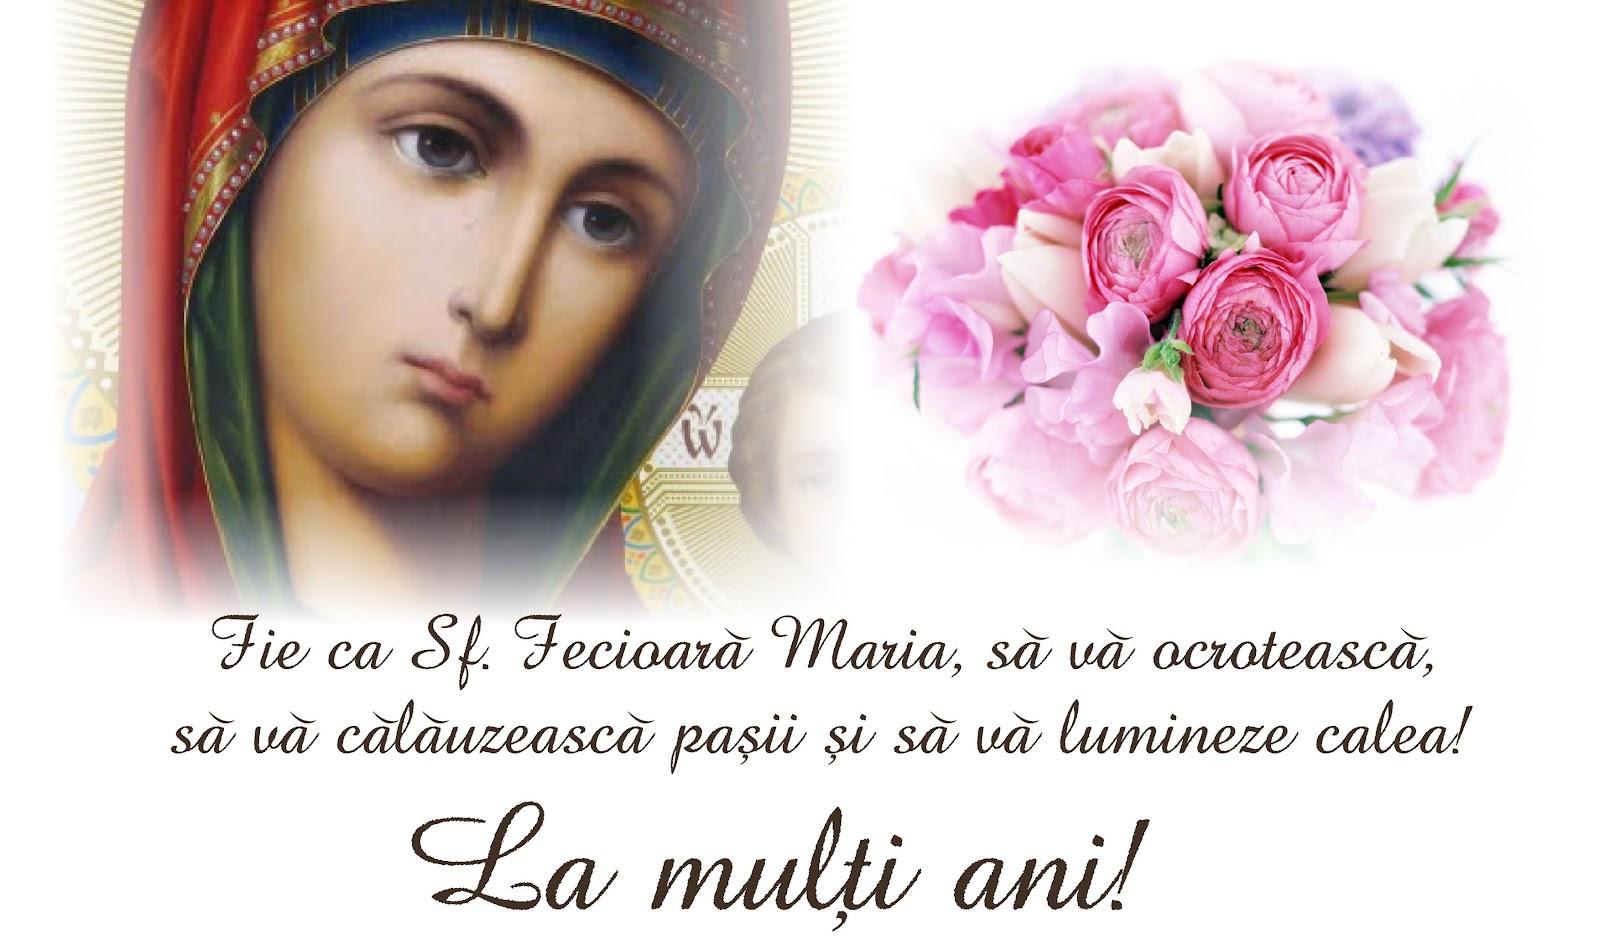 SMS, urari, mesaje Sfanta Maria   Seriale Online TV Gratis ...   Sfanta Maria